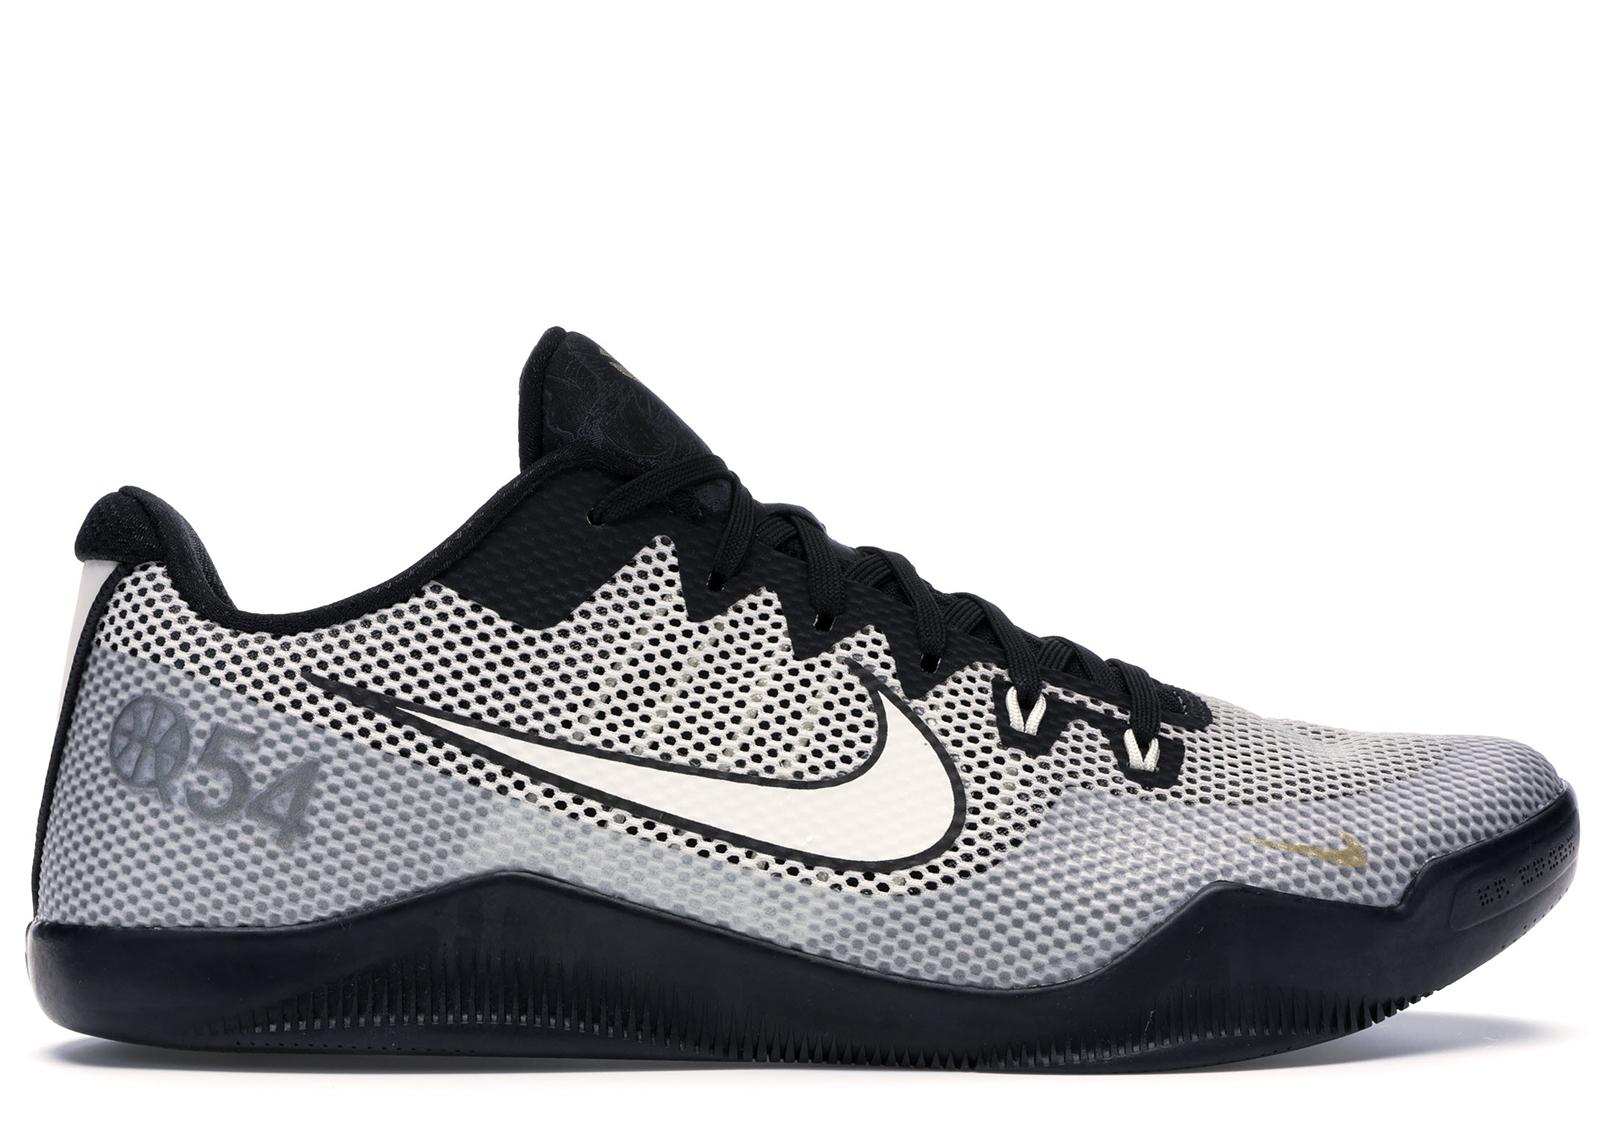 Nike Kobe 11 Quai 54 - 869600-010